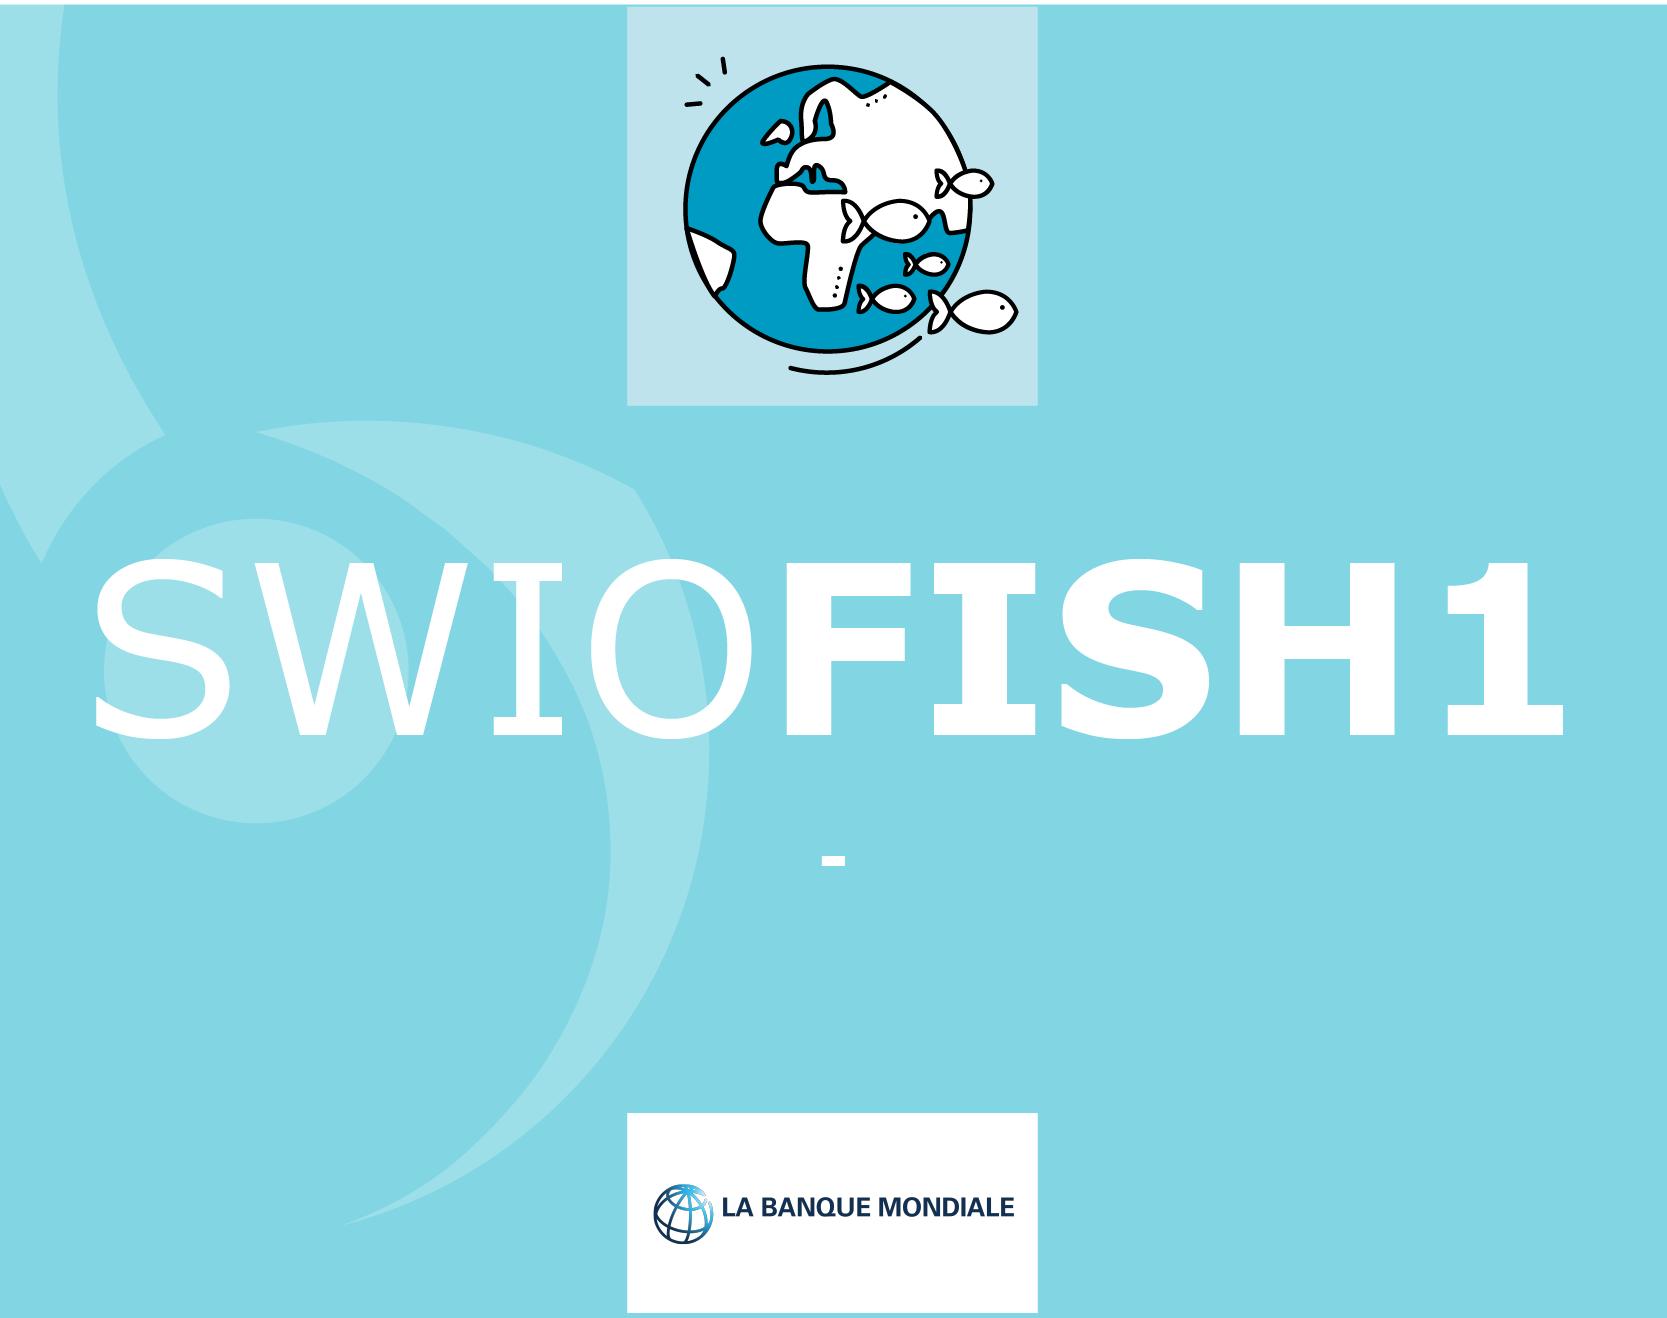 swiofish1